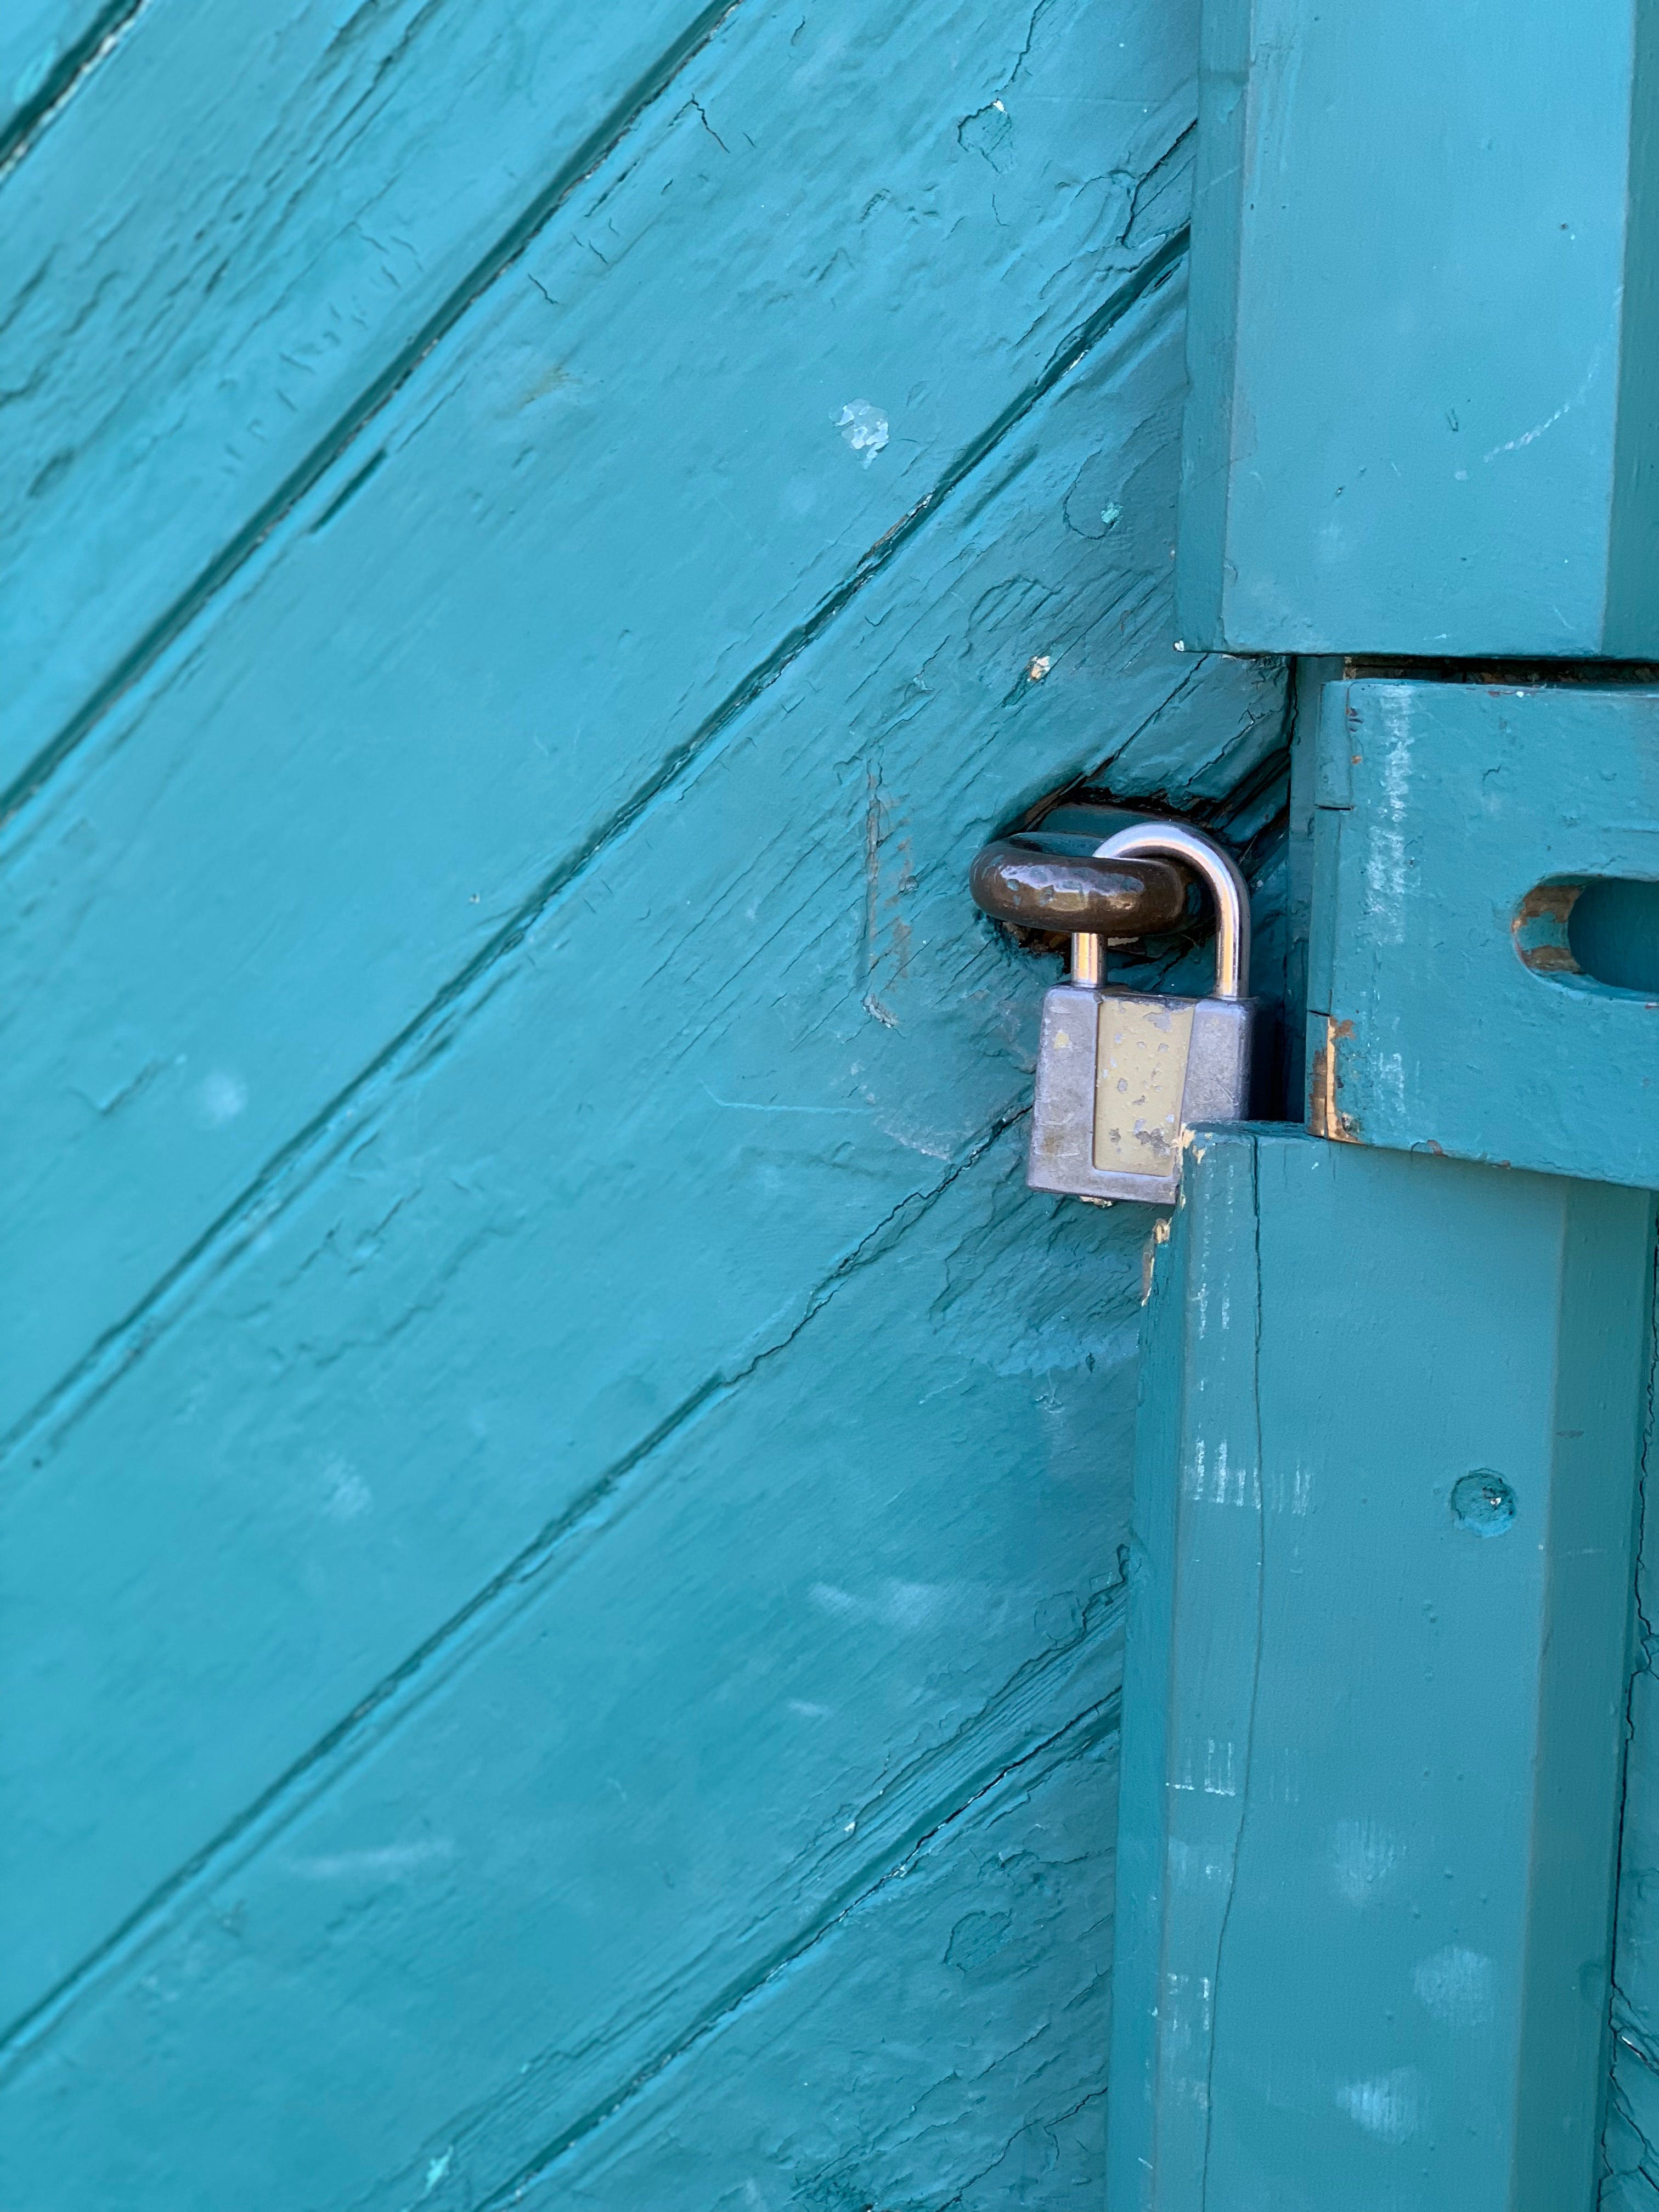 Free stock photo of door, lock, locked door, old lock